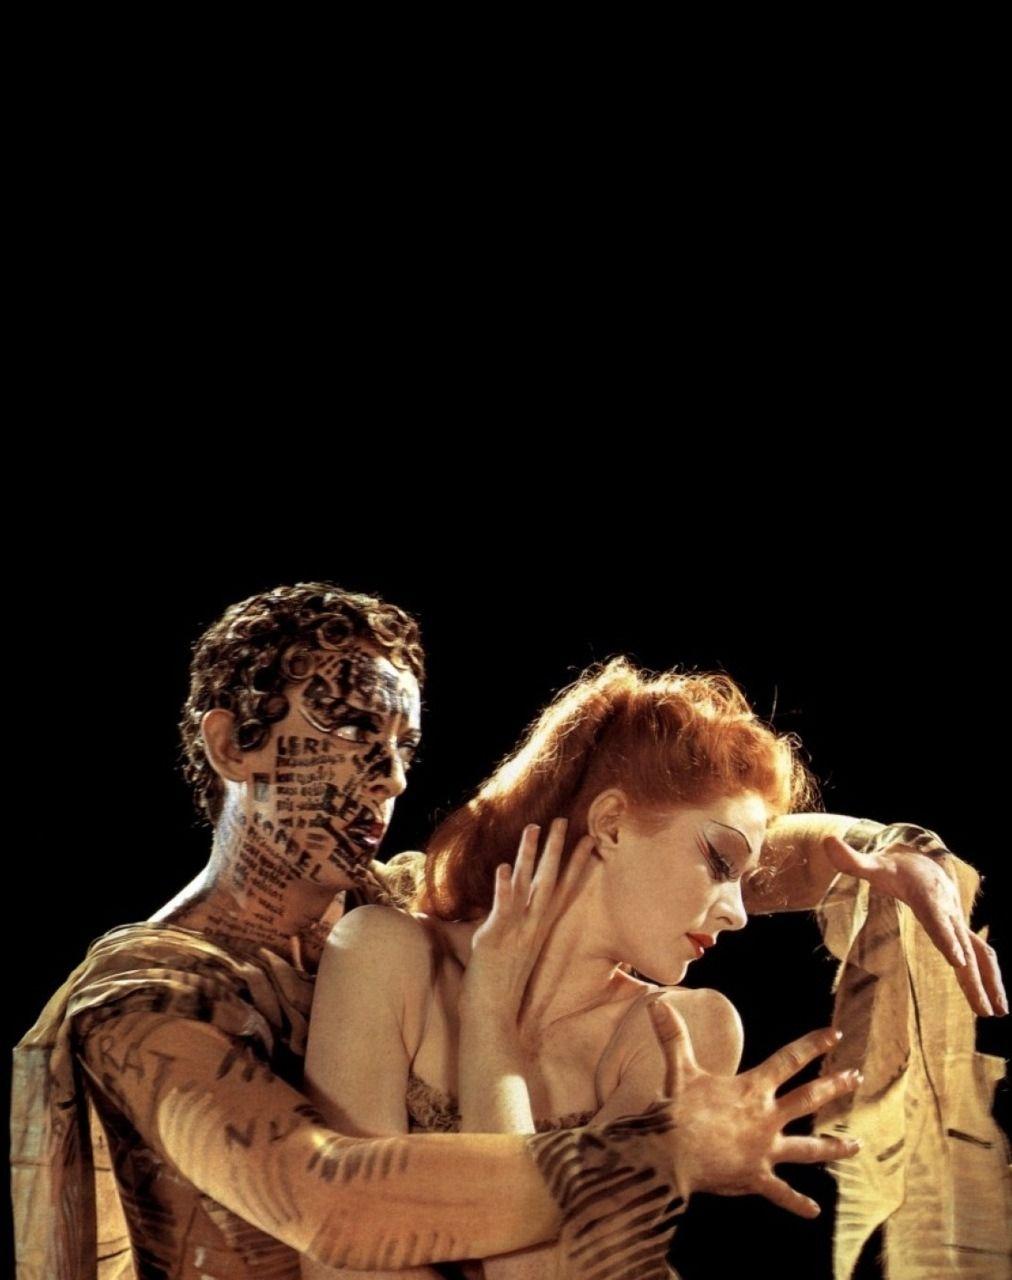 Moira Shearer & Robert Helpmann in The Red Shoes (1948, dir. Michael Powell & Emeric Pressburger)